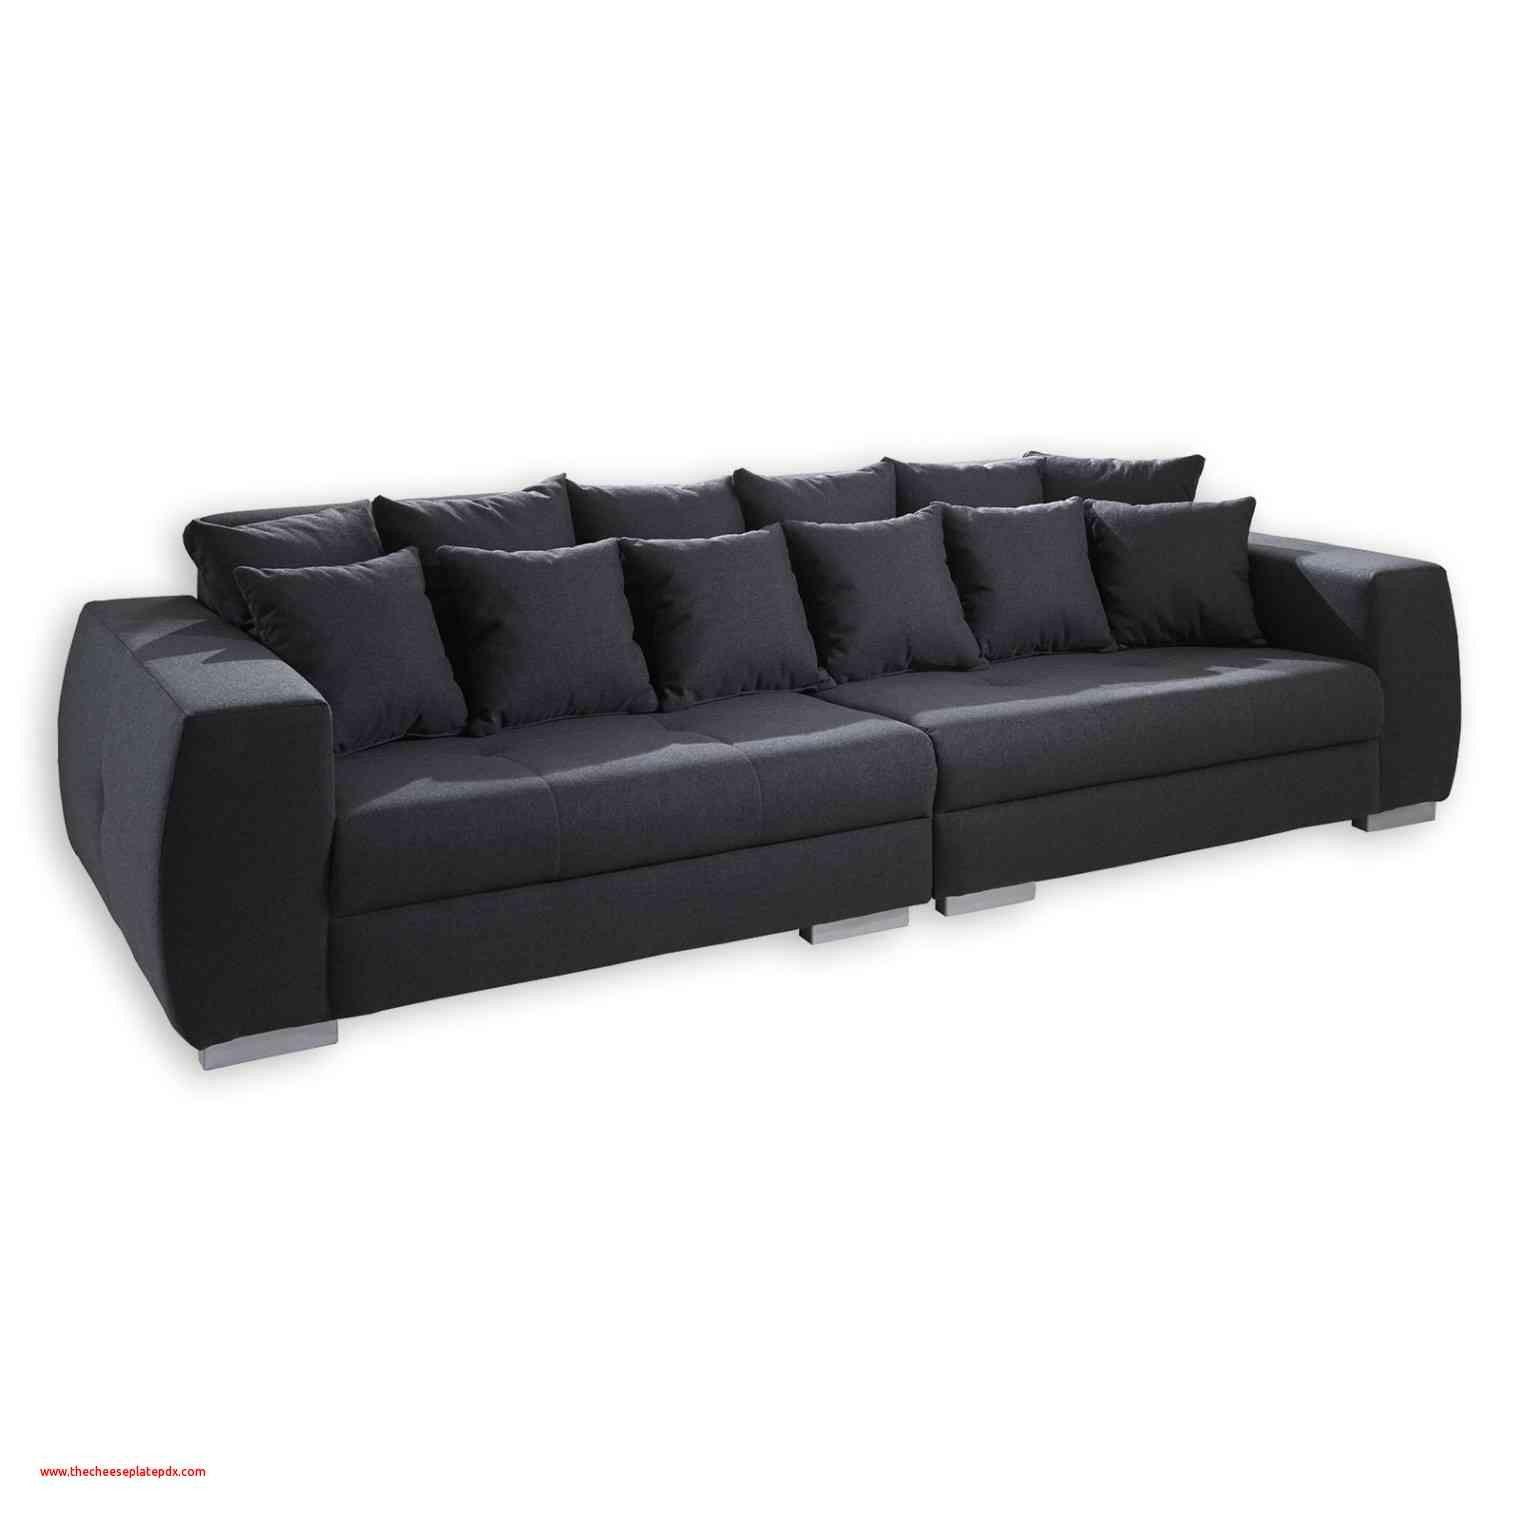 Attraktiv Ecksofa Hoffner Beige Couch Living Room White Living Room Set Black And White Living Room